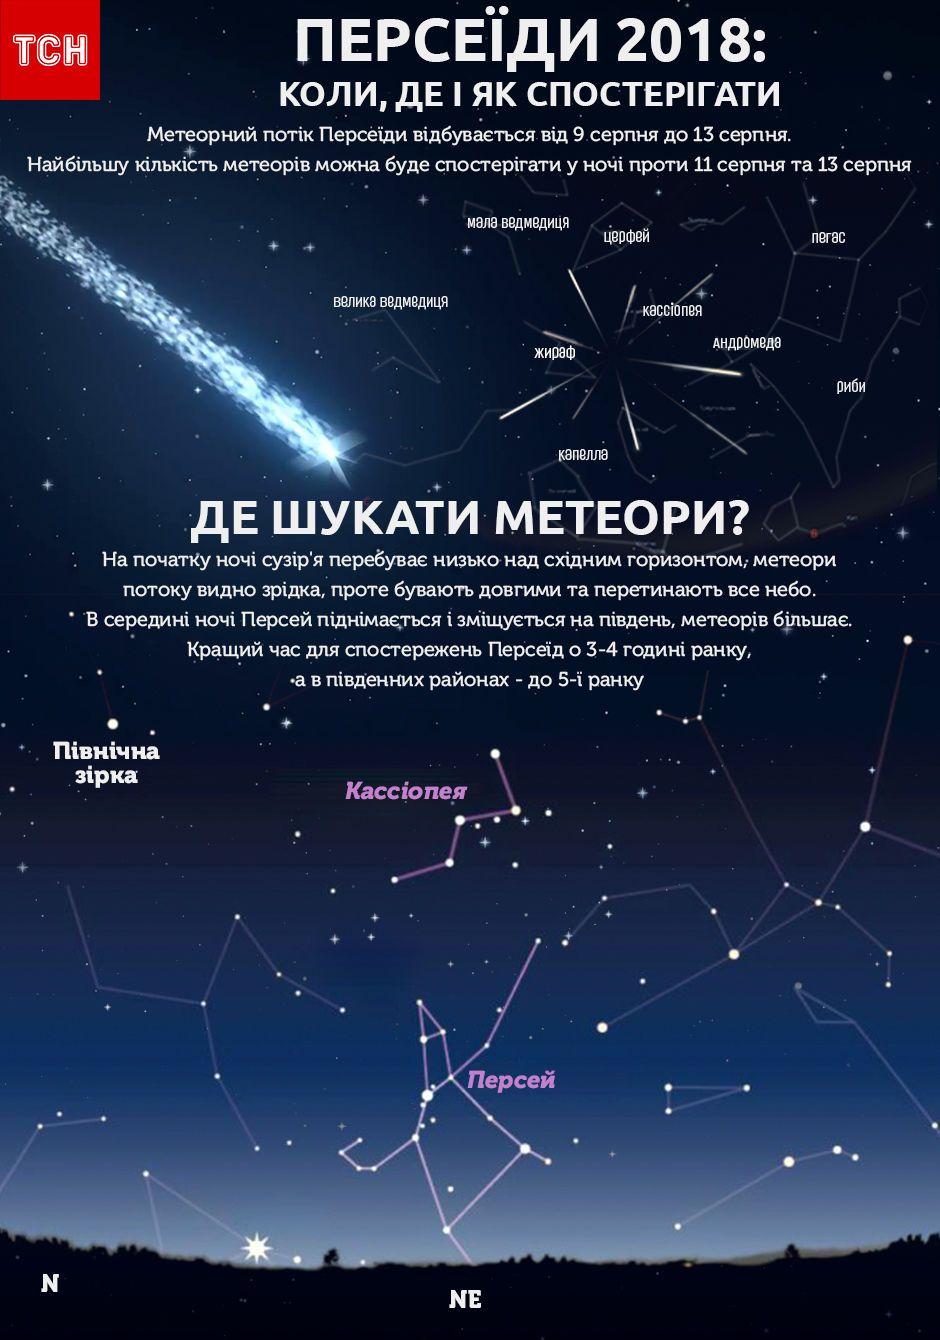 Персеїди, 2018, інфографіка, серпень, зорі